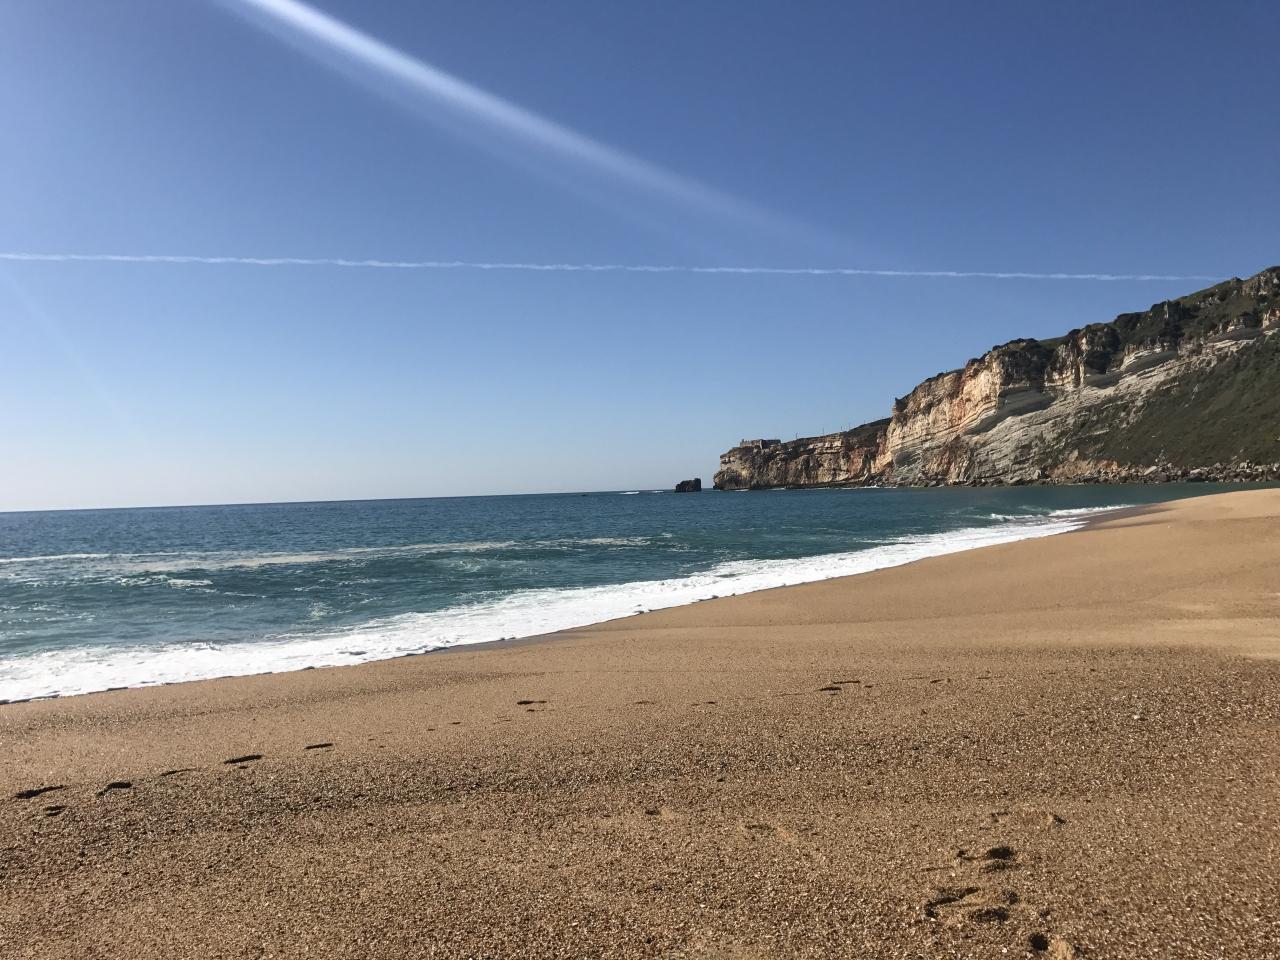 ナザレのビーチ旅行記